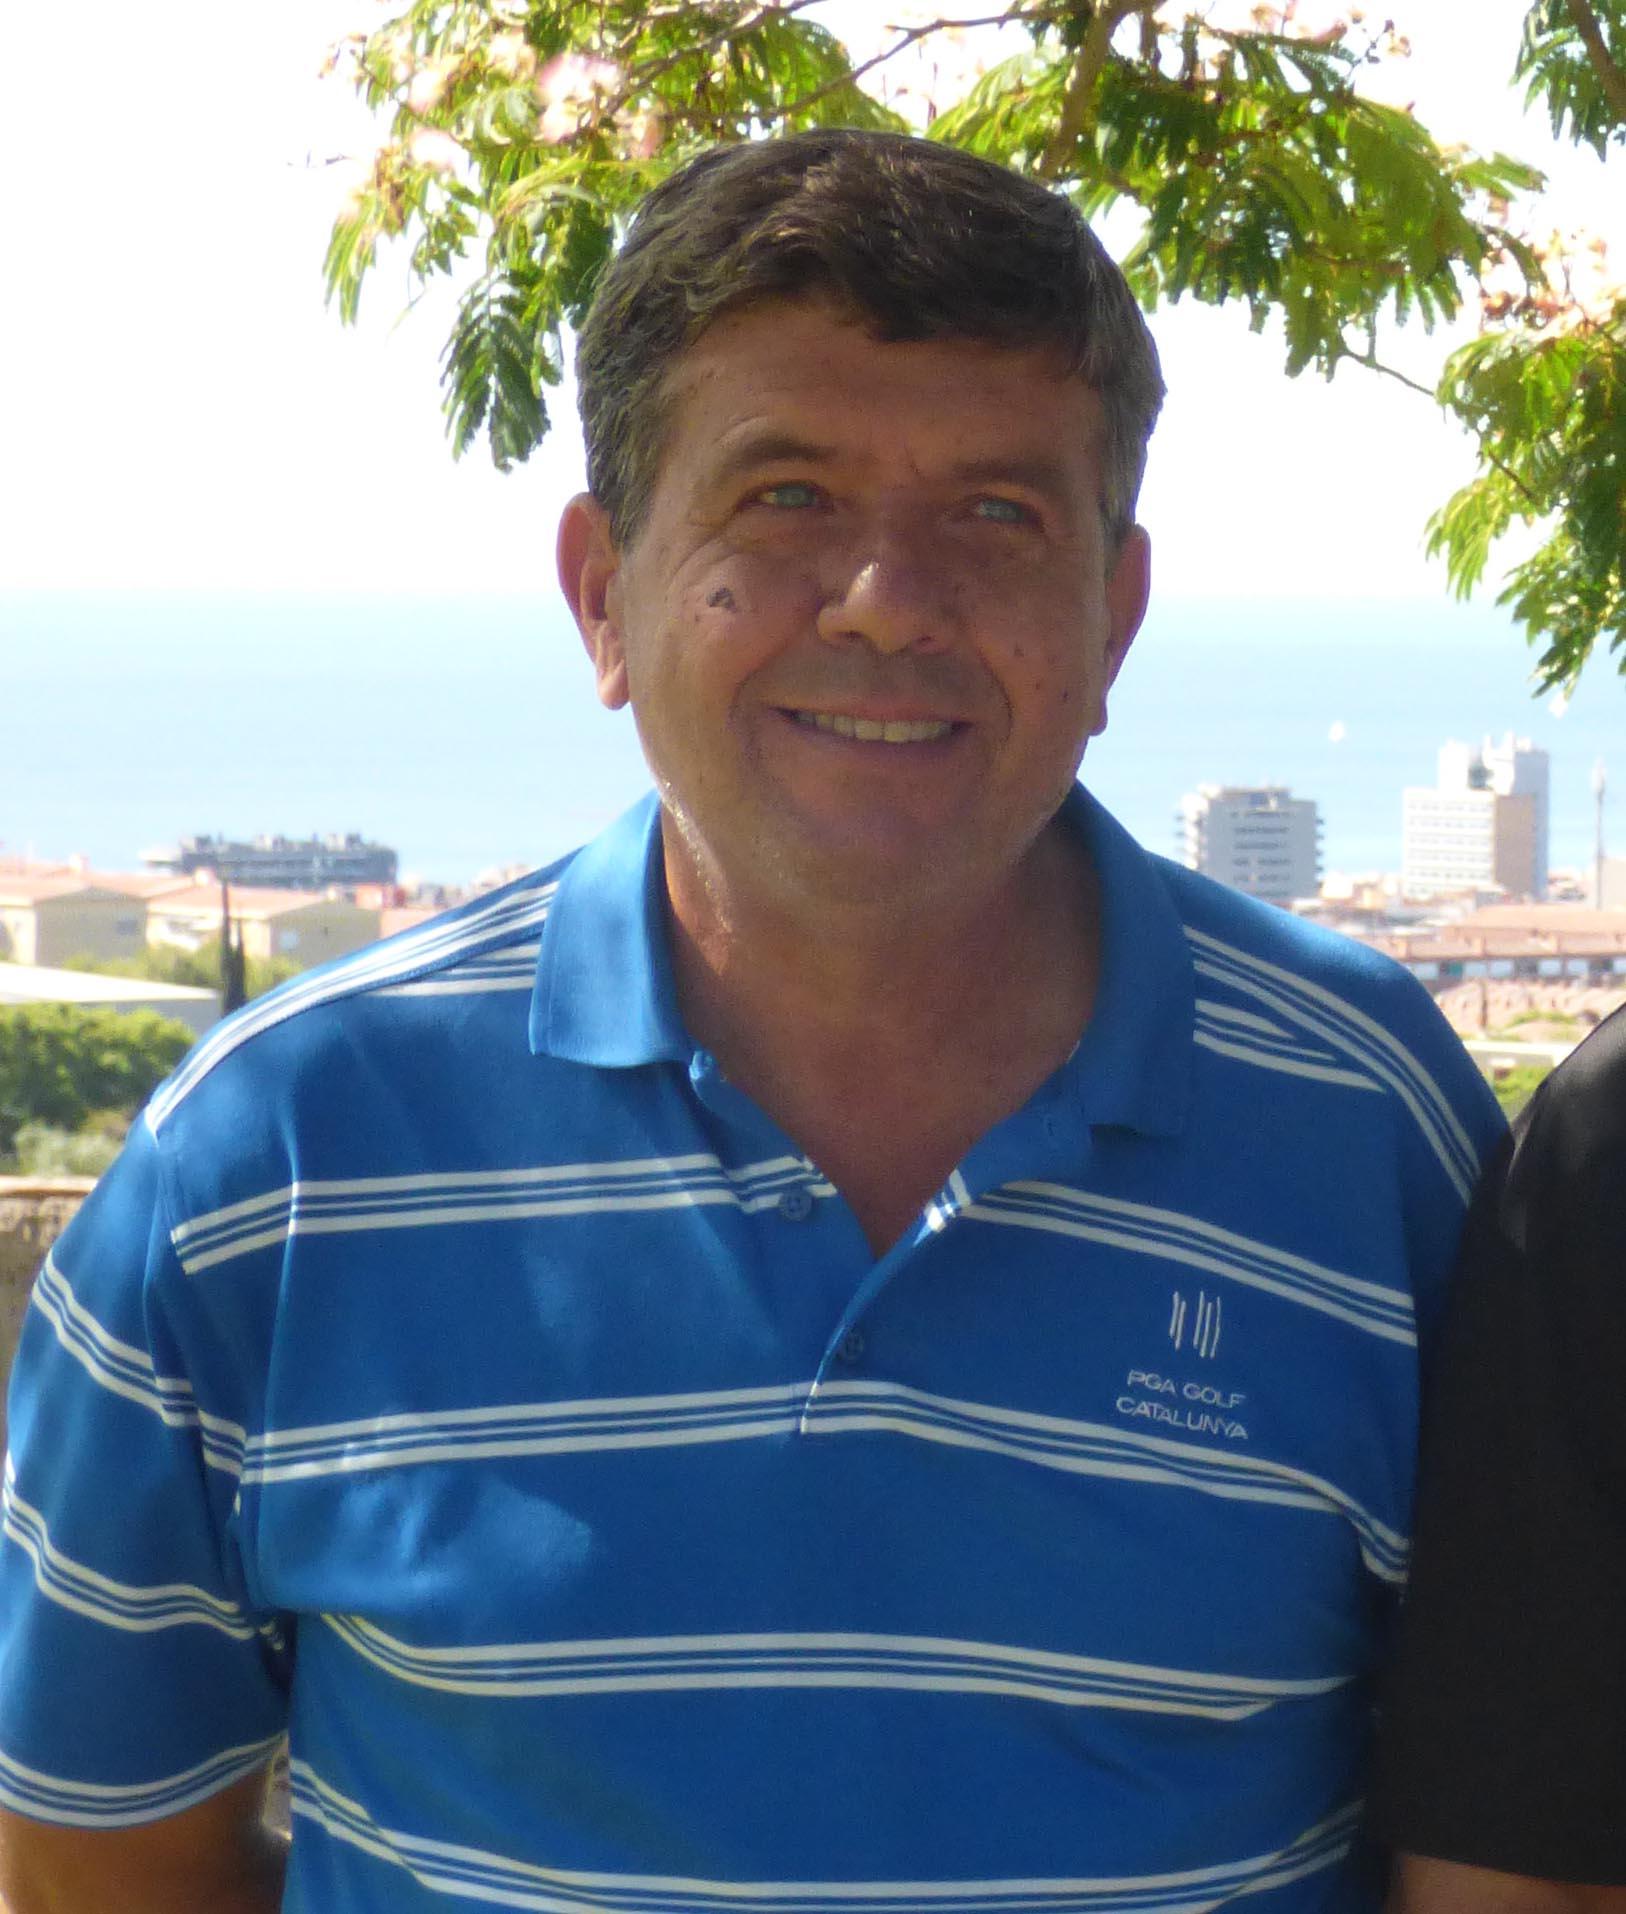 Triomf de Julio Santamaría en el Sota Par a Badalona